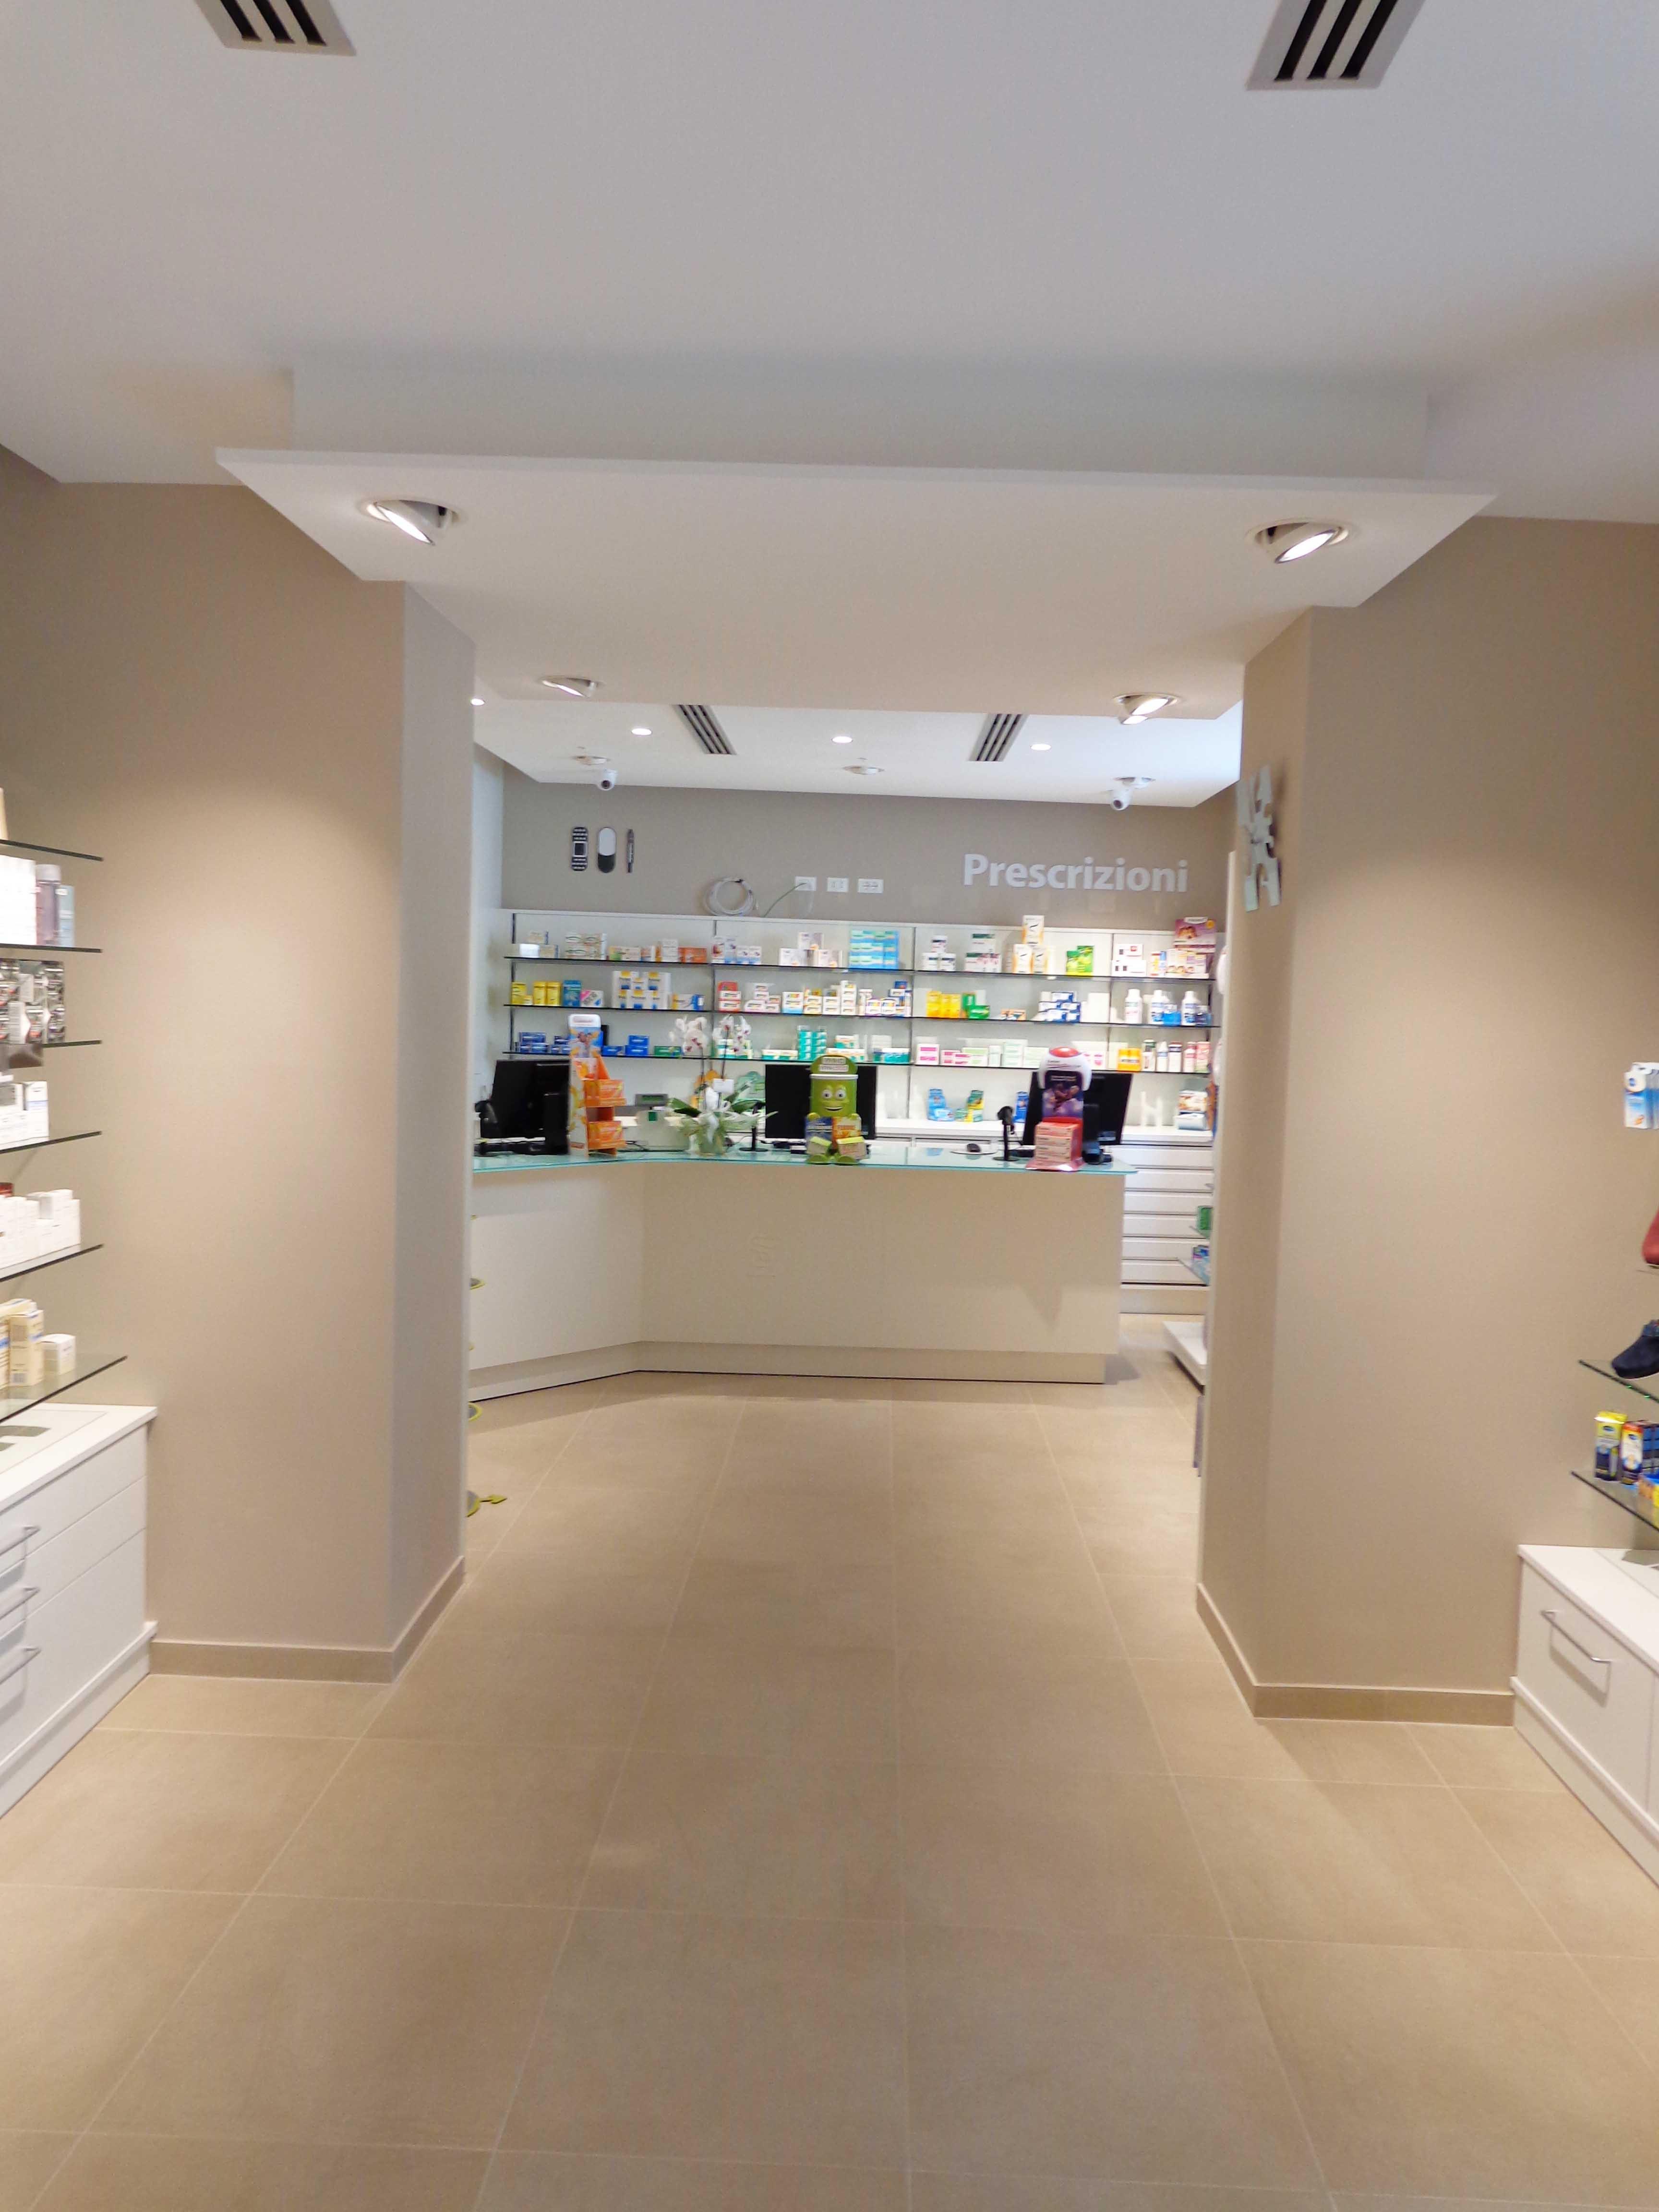 Farmacia pellegrino for Idee colori pareti ingresso